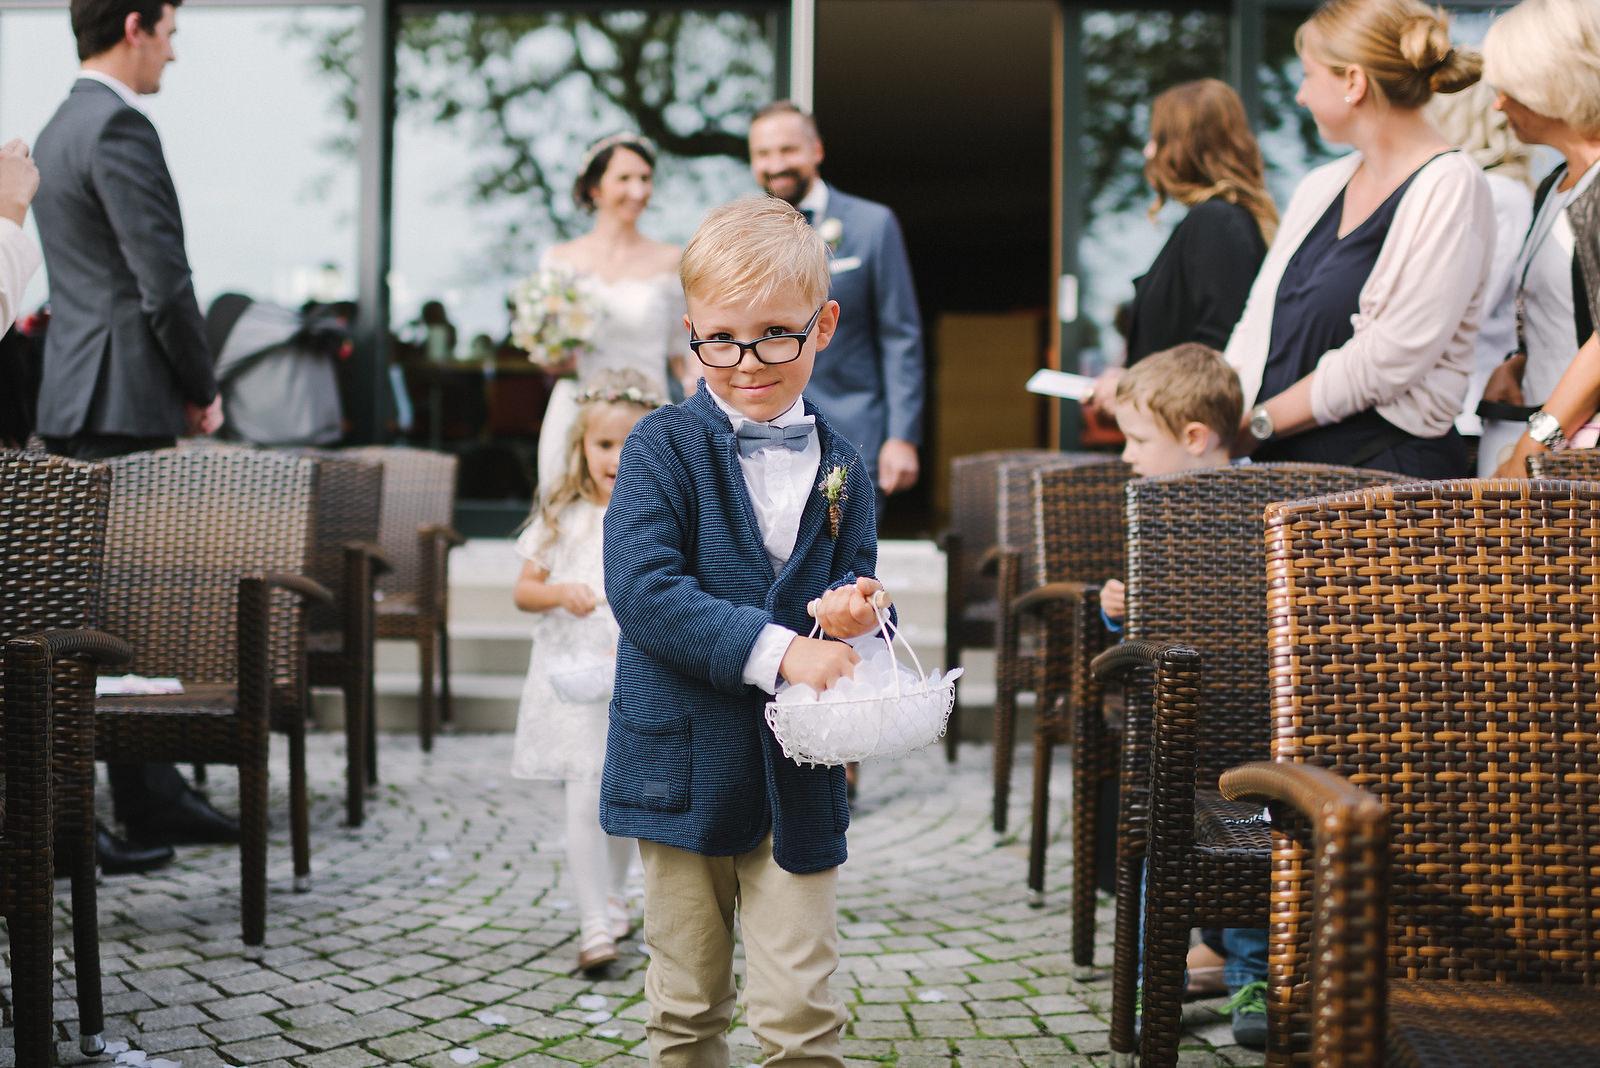 Fotograf Konstanz - Hochzeitsfotograf Reutlingen Achalm Hochzeit EFP 38 - Documentary wedding story on the Achalm, Reutlingen  - 32 -